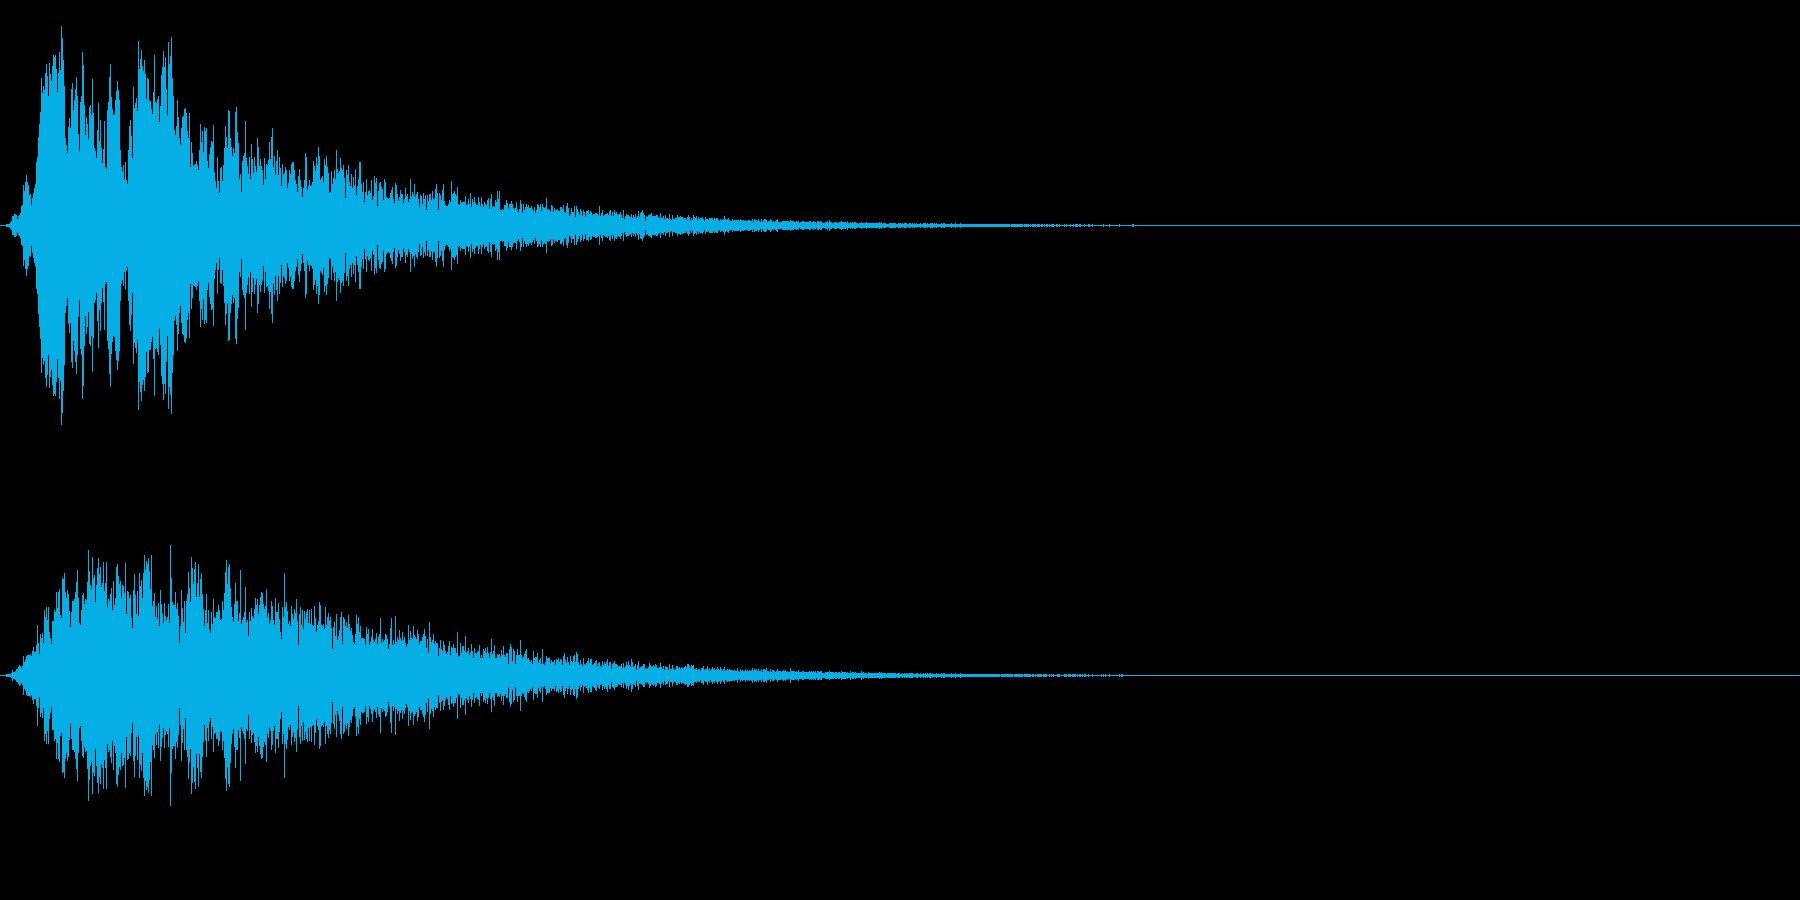 シュイーン(パワーアップ/能力アップ)の再生済みの波形